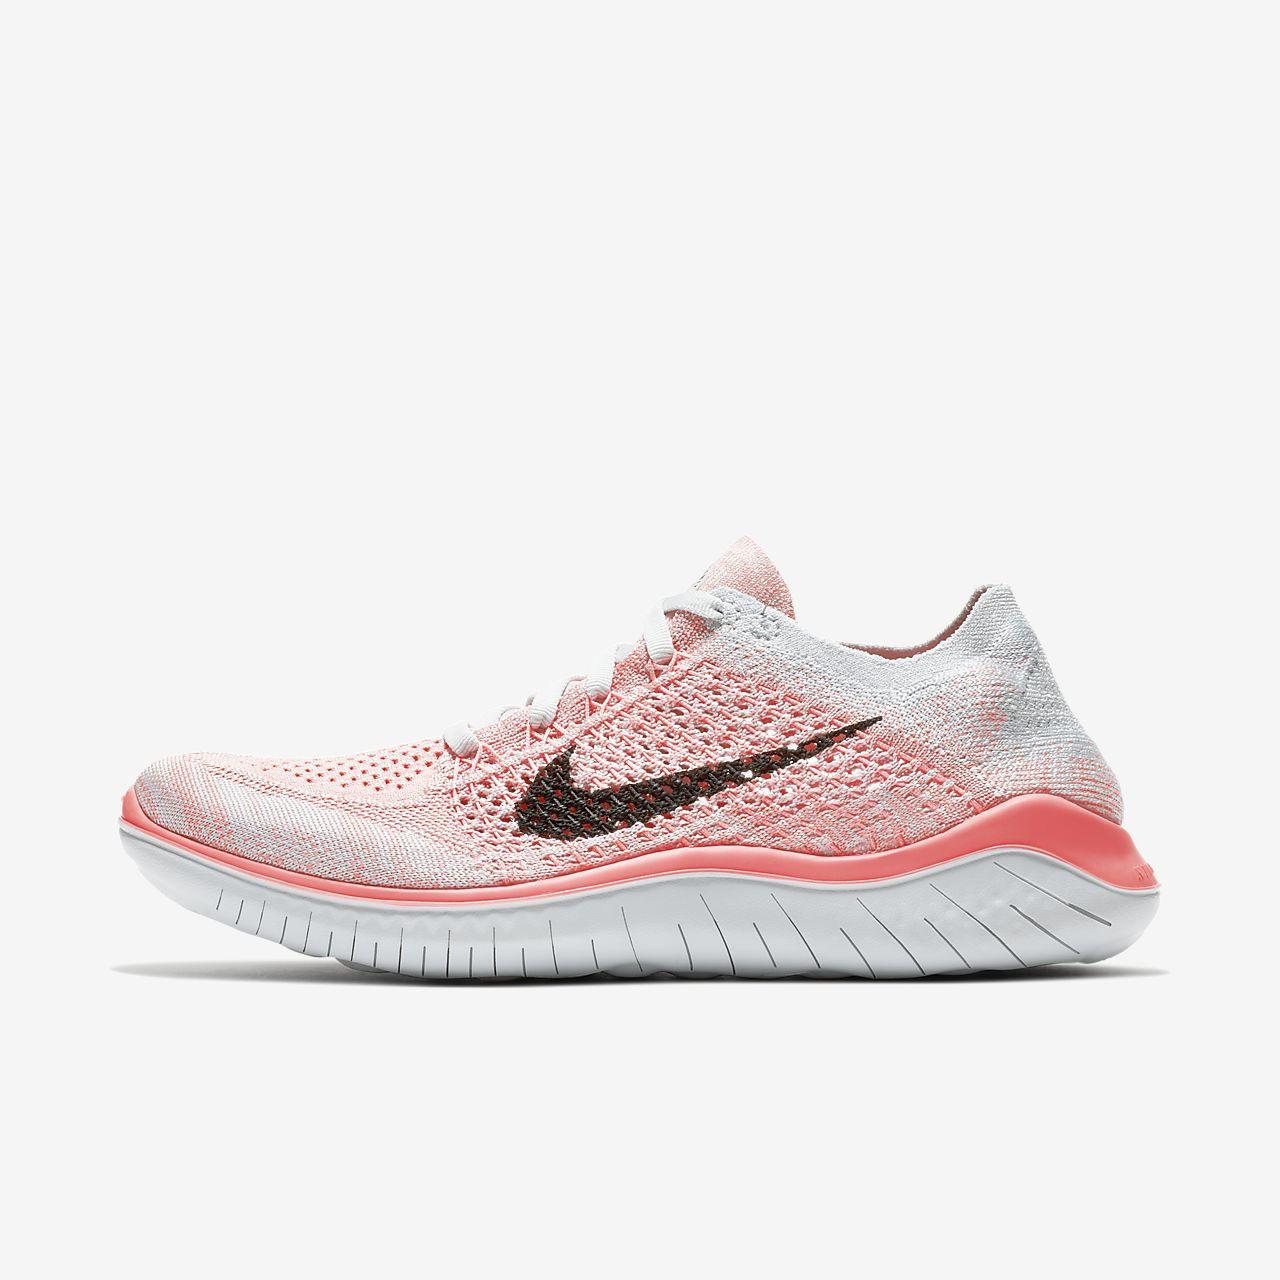 Nike Free RN Flyknit Damen Laufschuhe schwarz